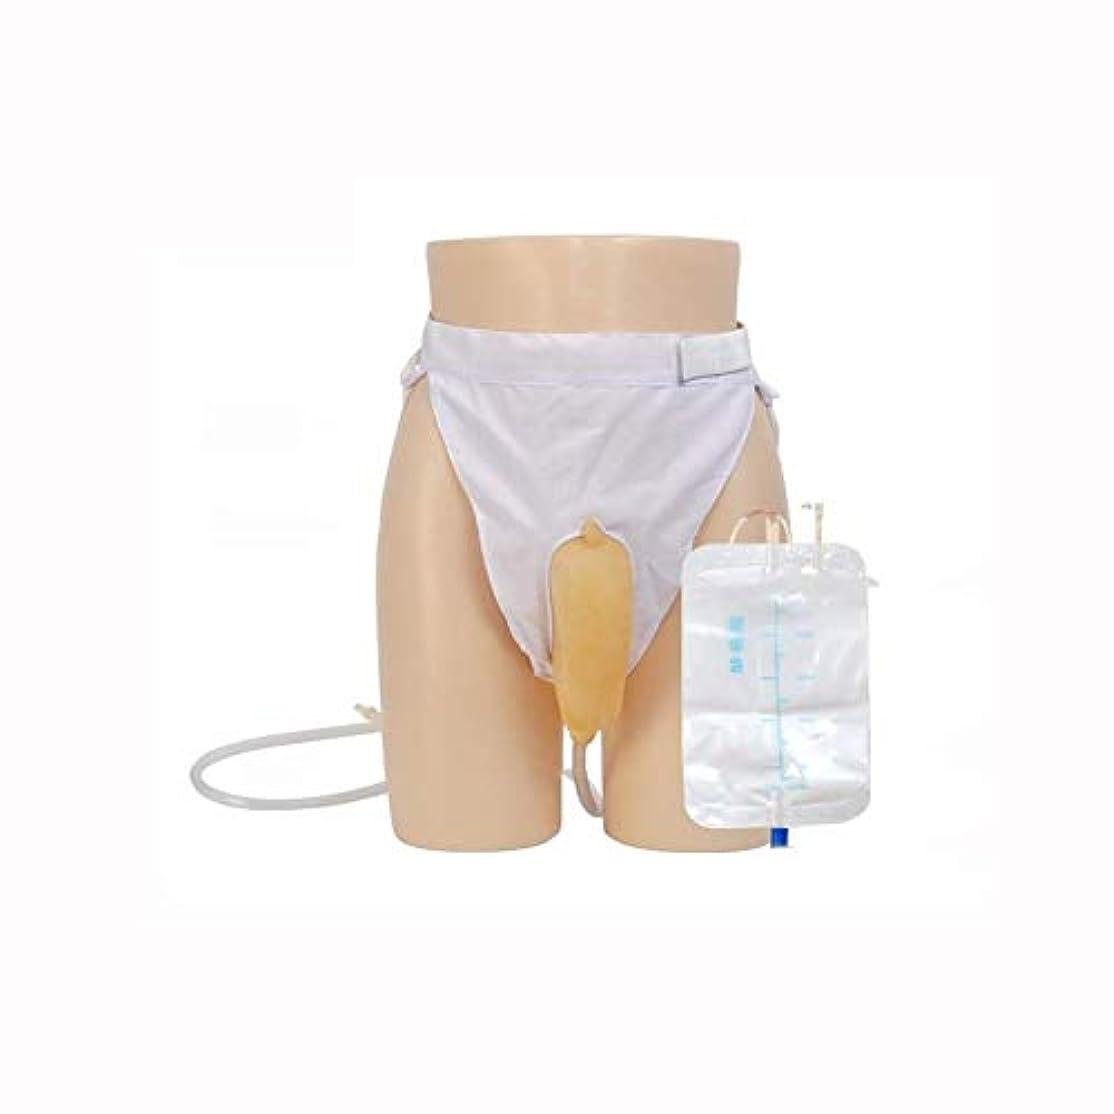 辛な困惑したアグネスグレイ再利用可能な男性の尿バッグ排尿器おしっこホルダーこぼれ防止ポータブル尿コレクターバッグ用尿失禁